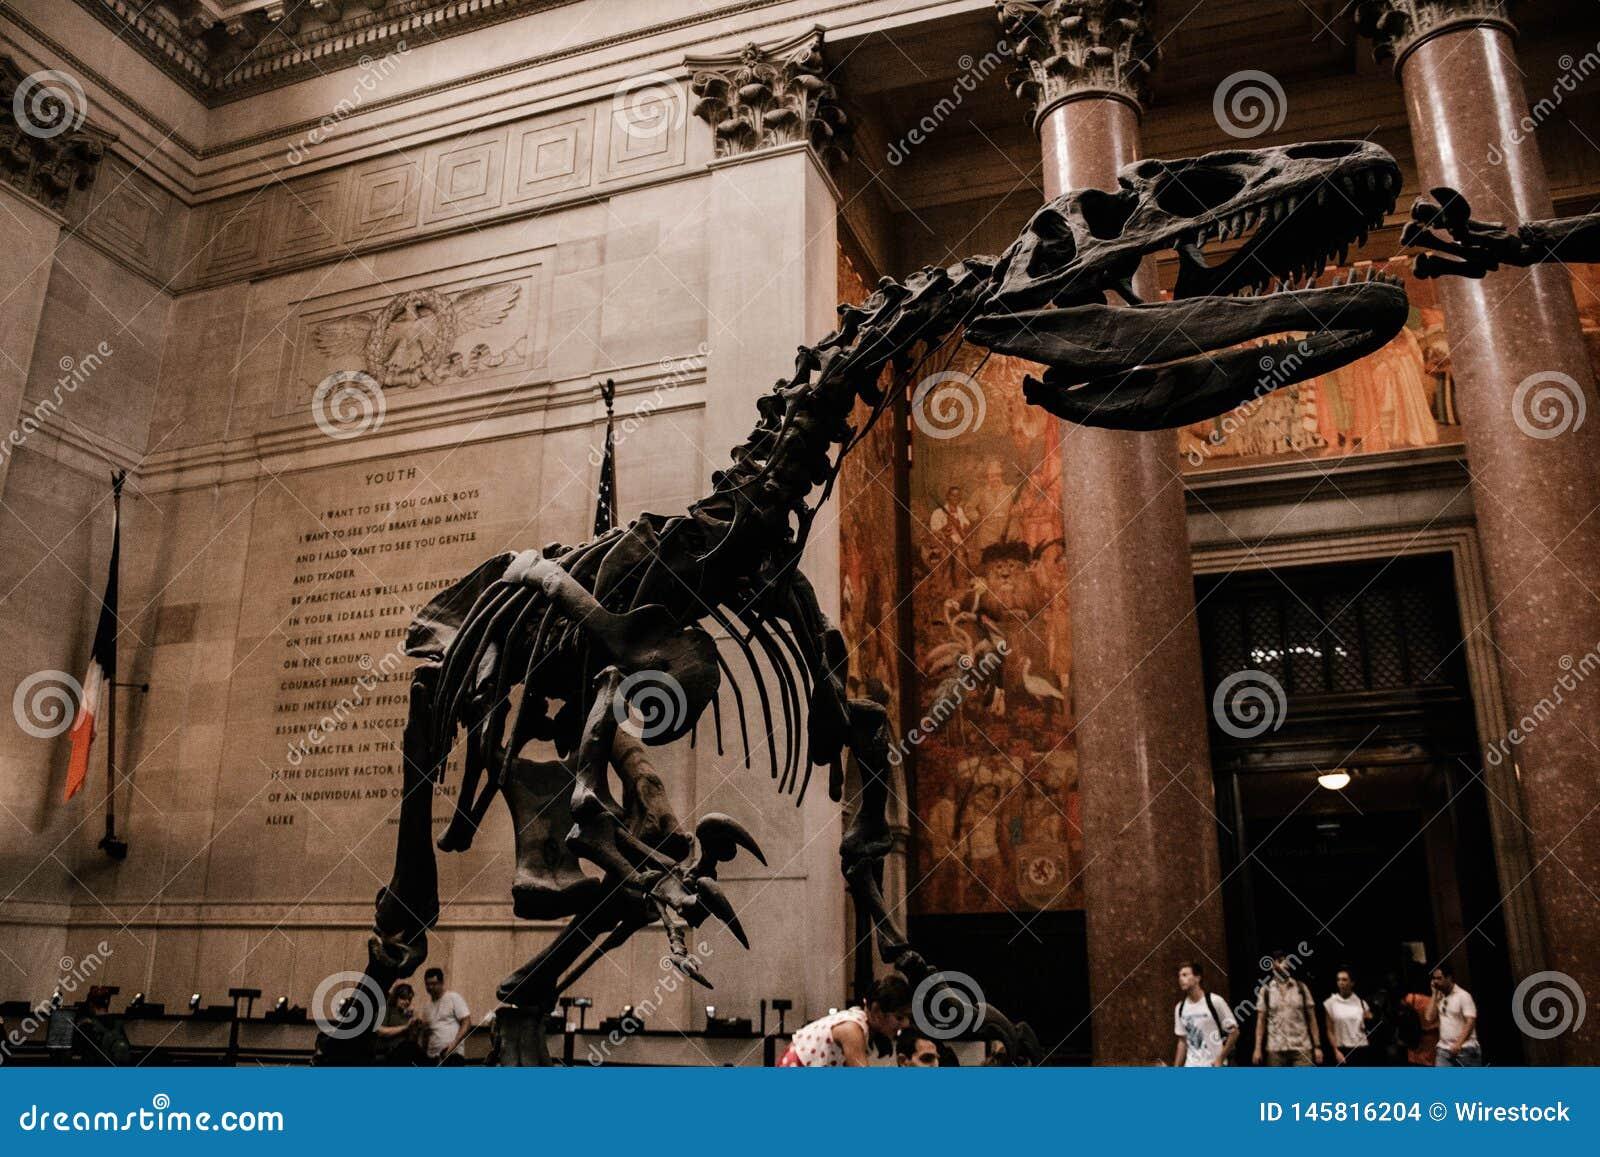 Un esqueleto decorativo de un dinosaurio